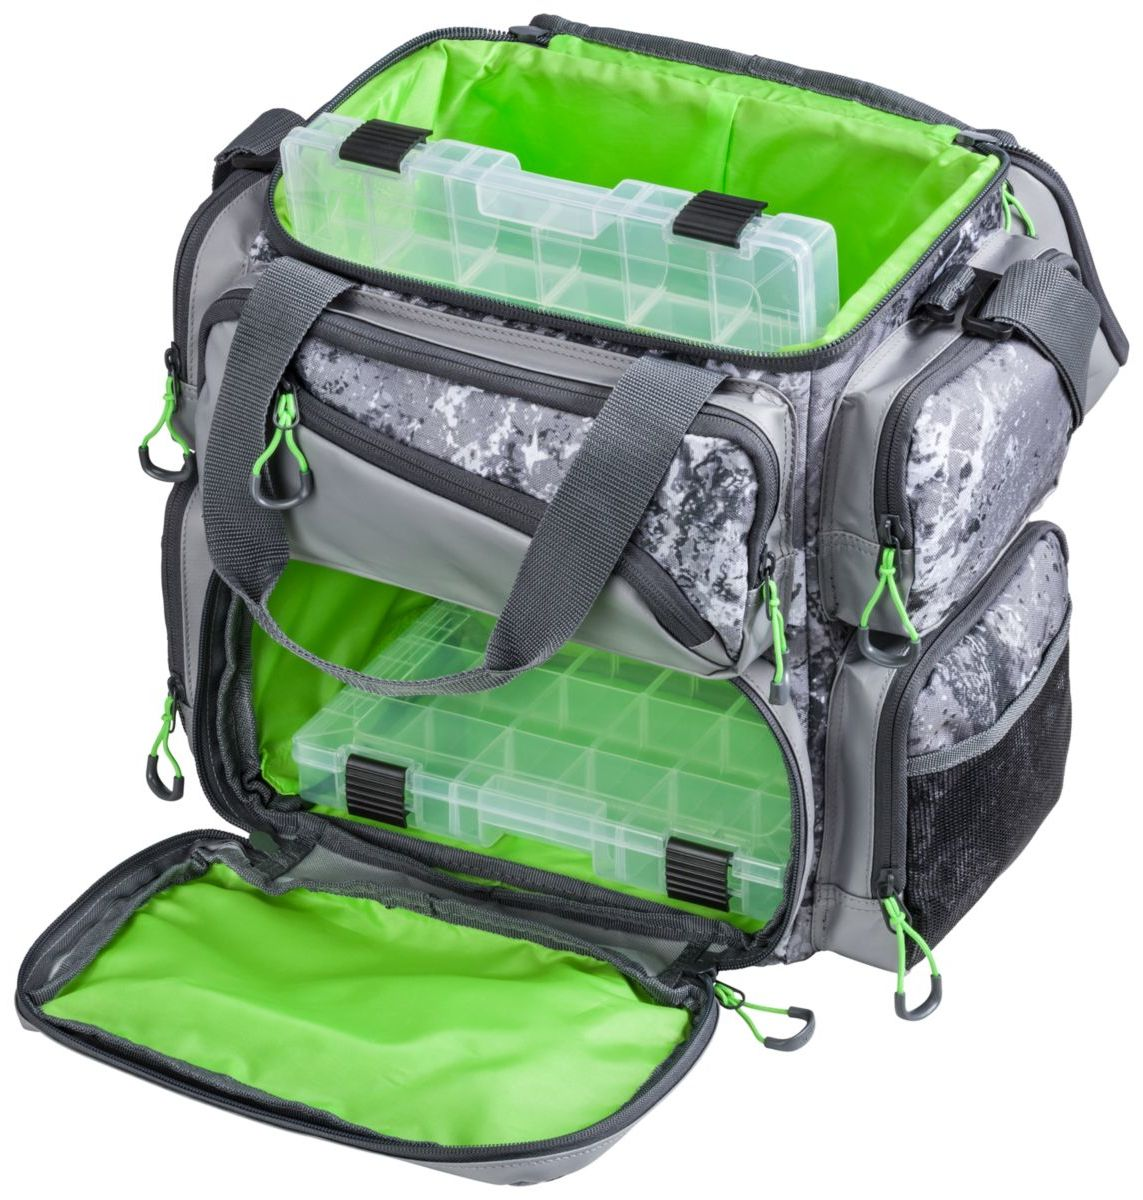 Cabela's Extreme Stacker 3600 Tackle Bag